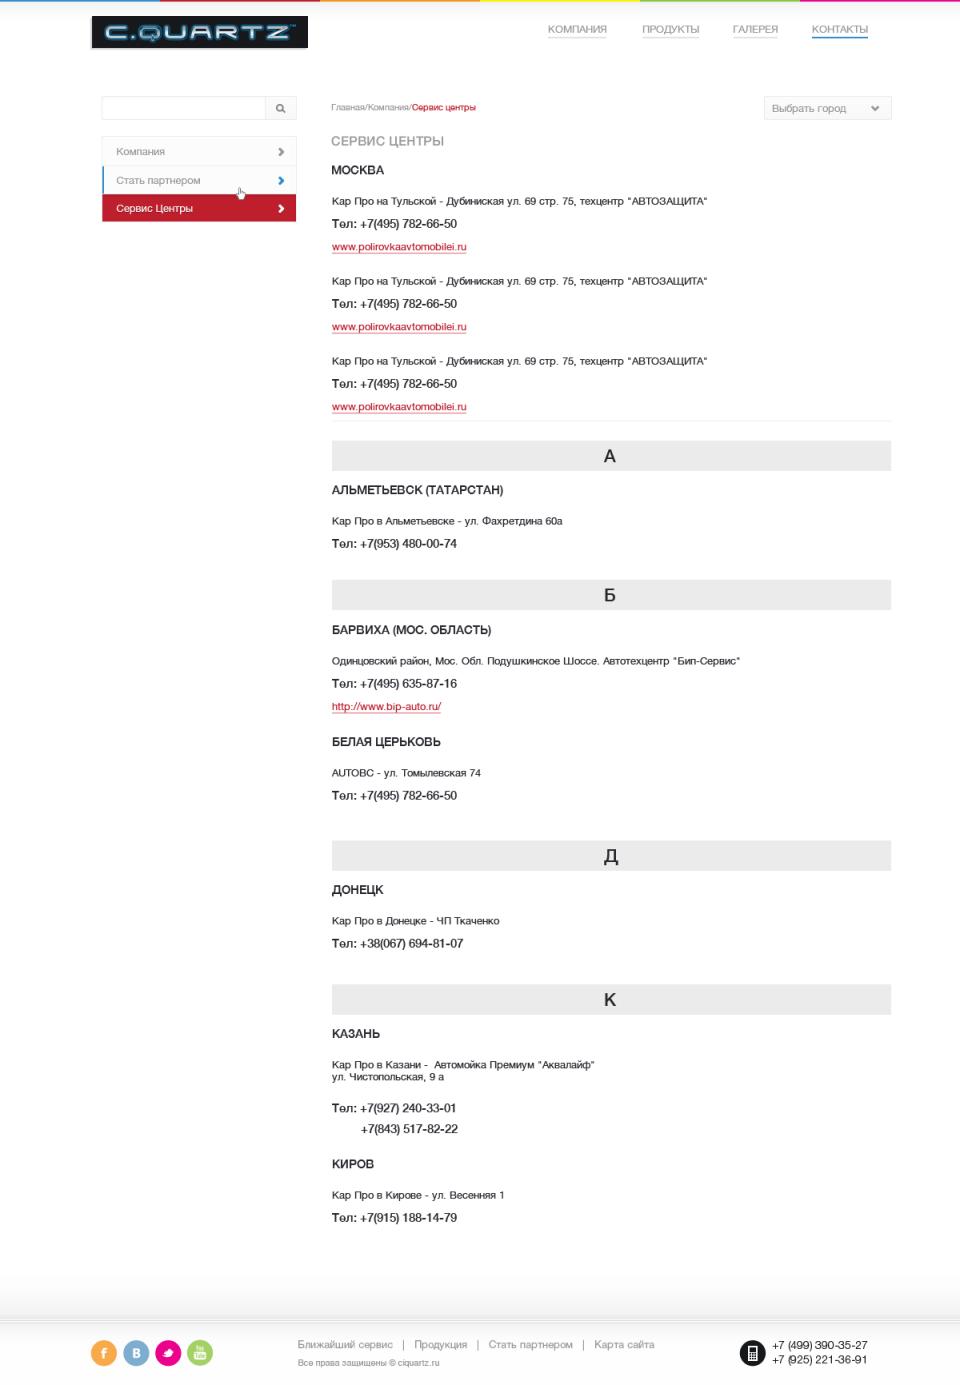 Контакты - Корпоративный сайт компании C.Quartz